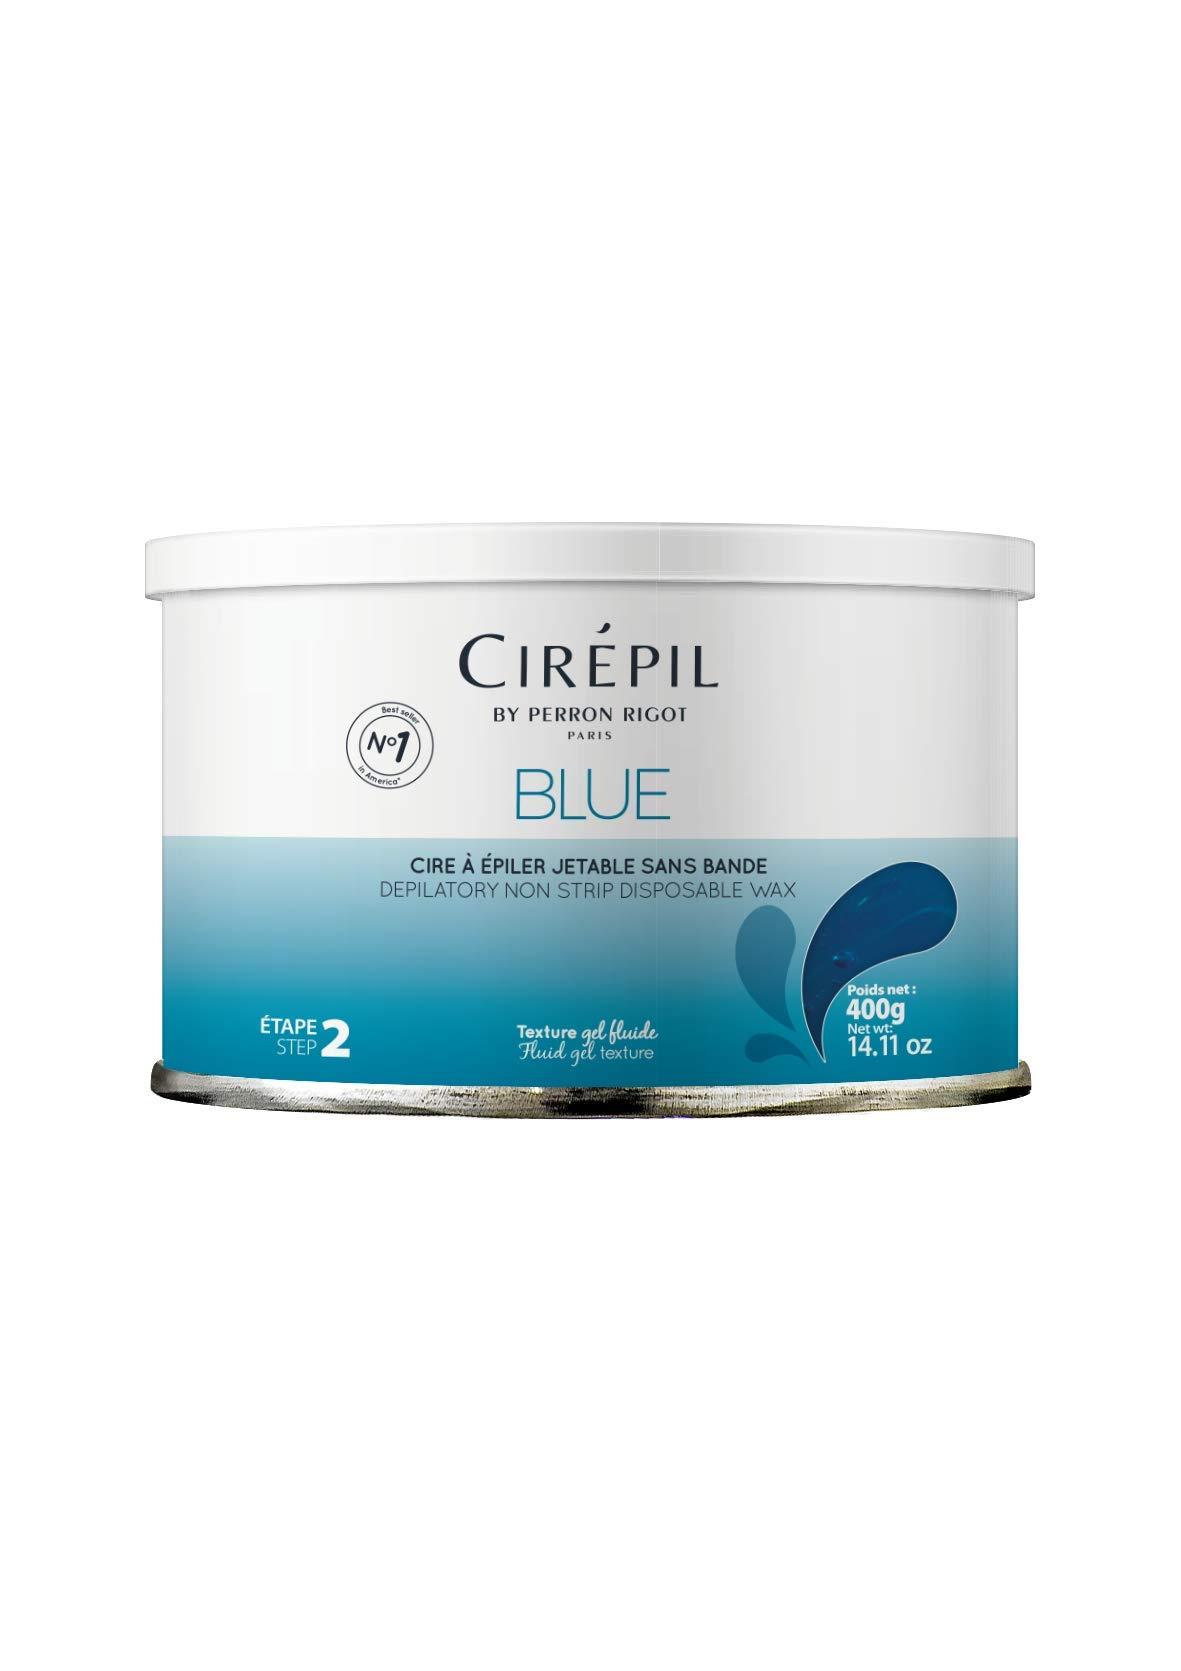 Cirepil Blue Wax, 14.11 Ounce Tin by Cirepil